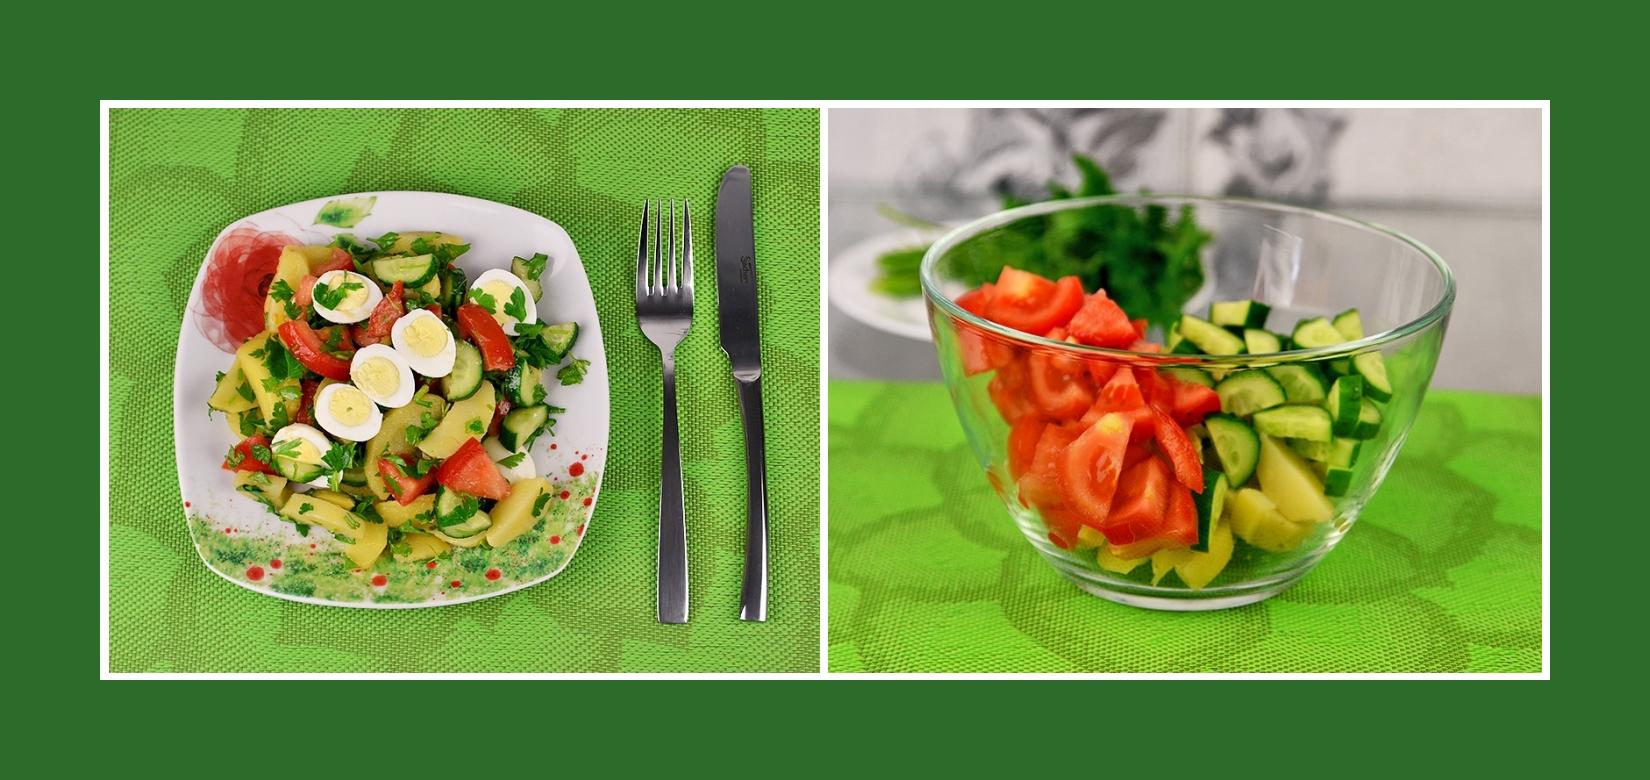 Salat aus Tomaten, gekochten Kartoffeln und Gurken